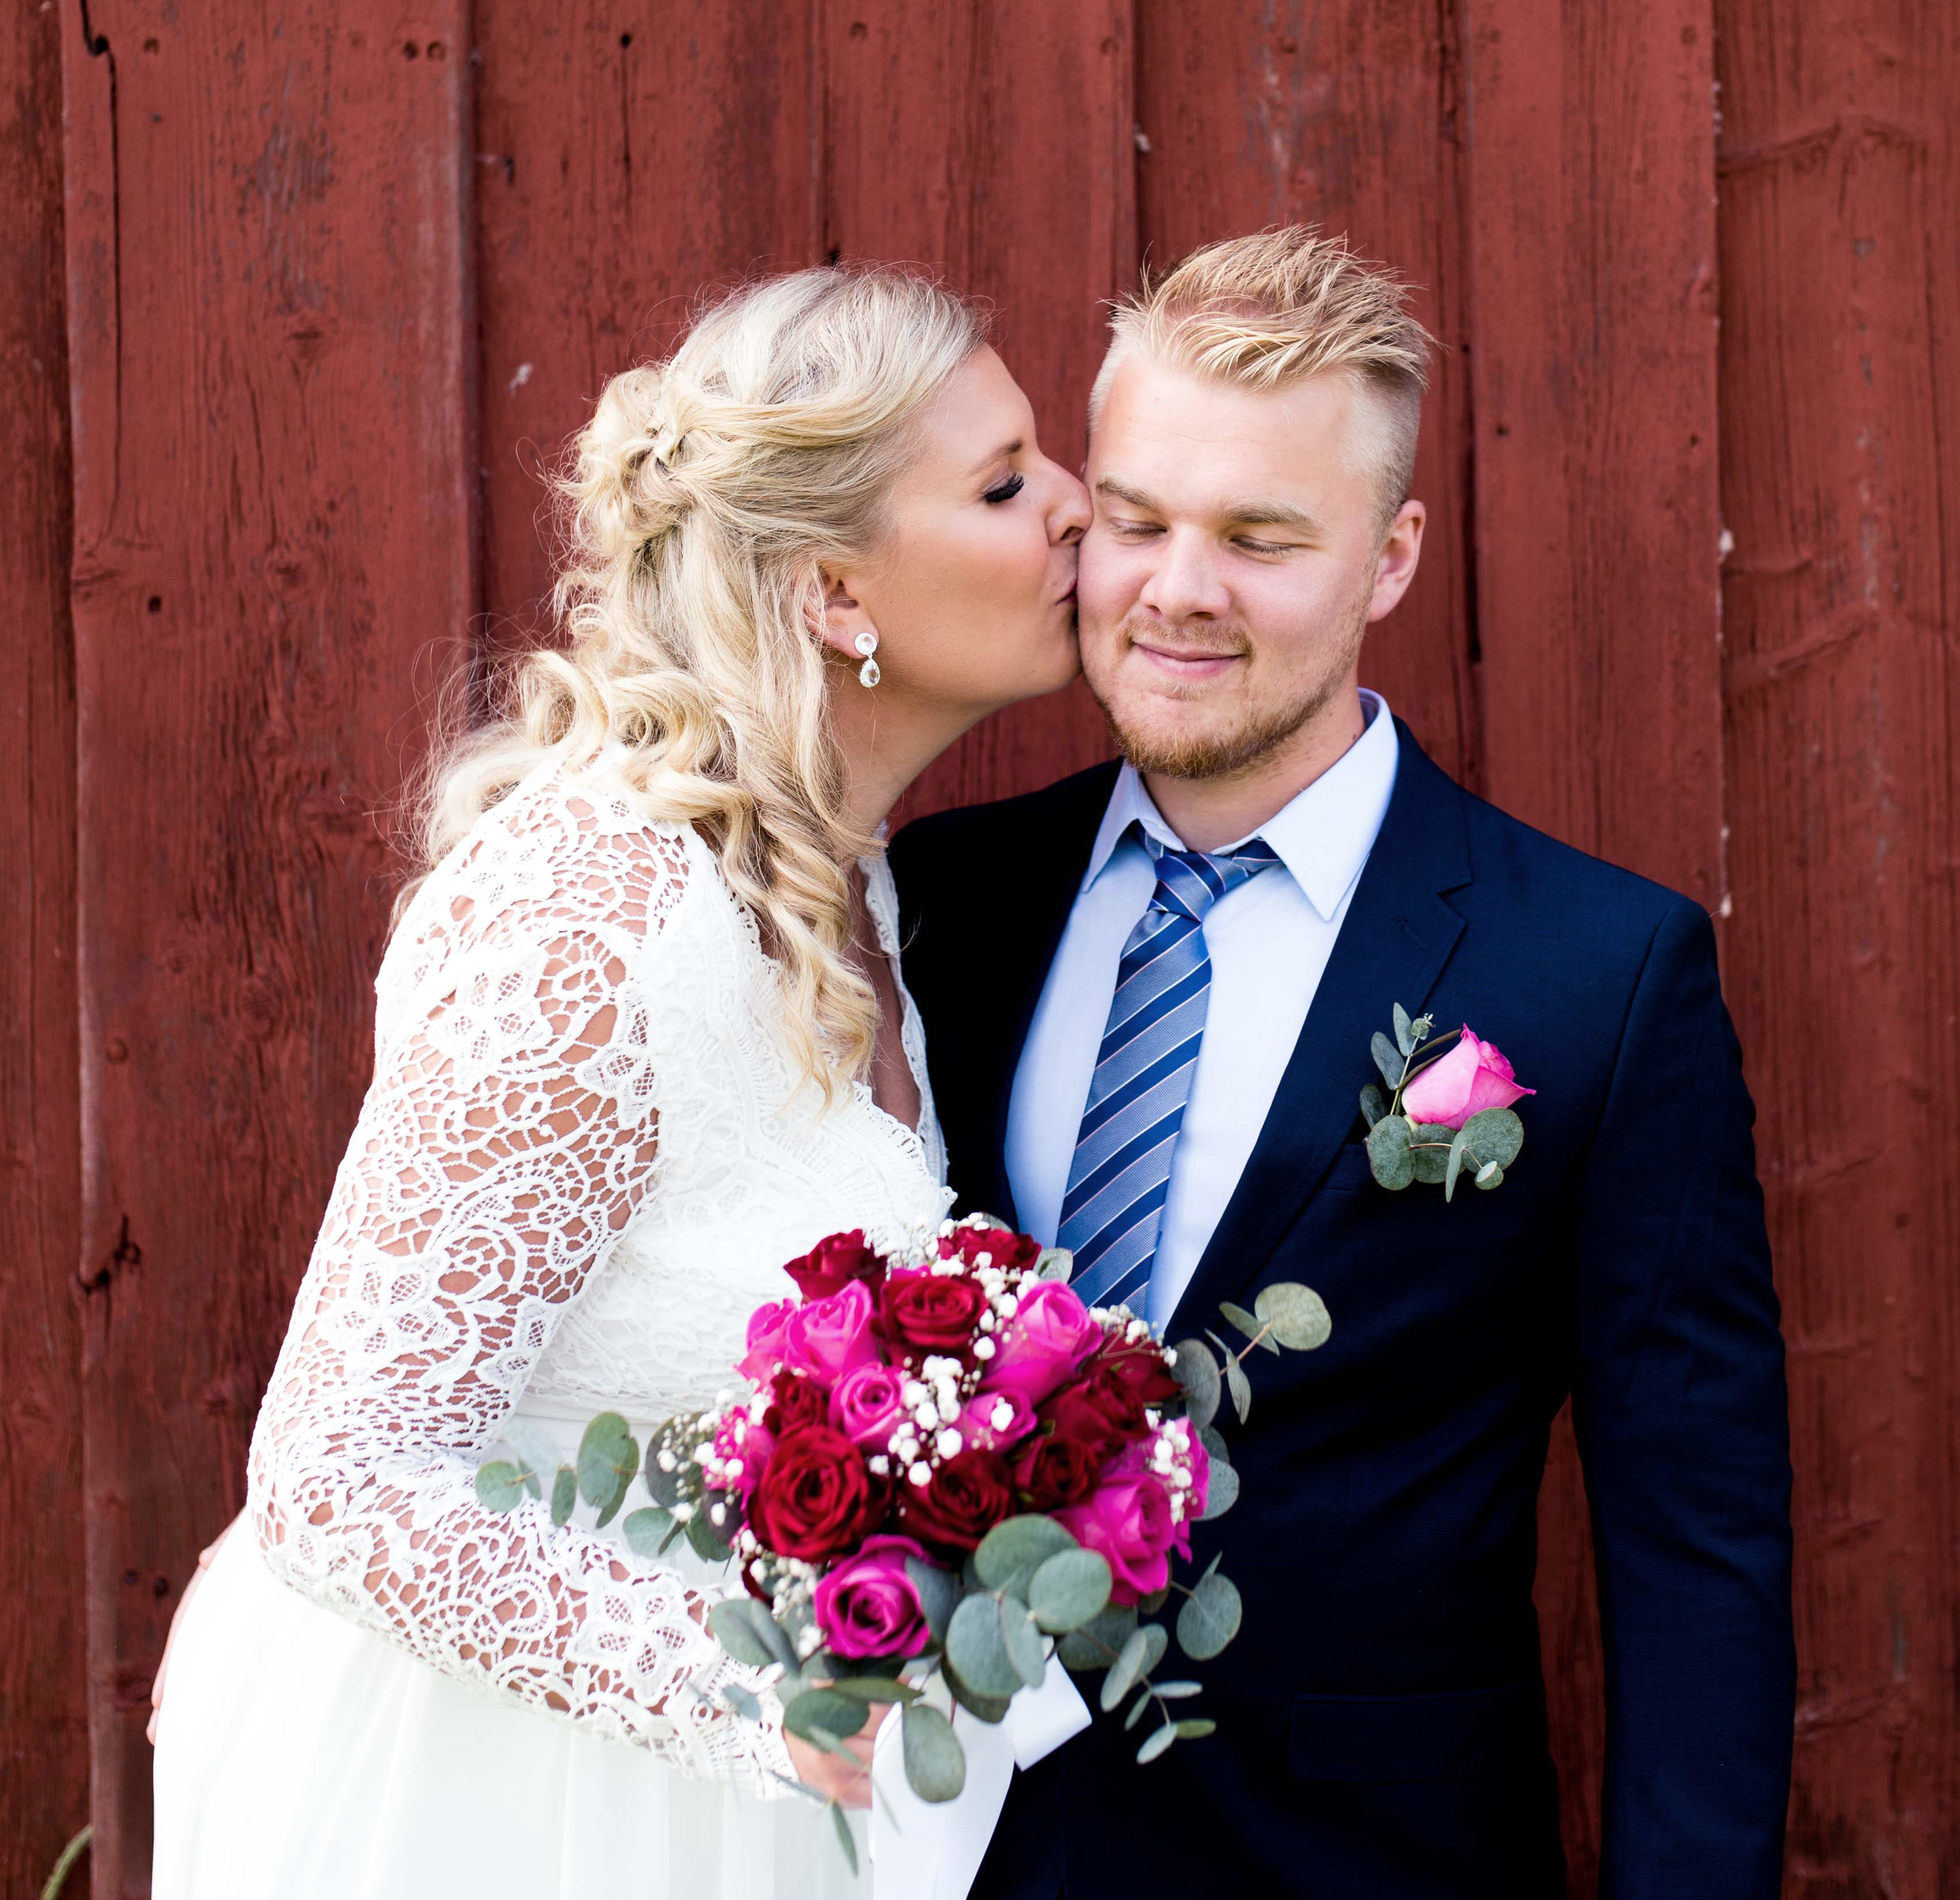 Bröllop2019lågkvall-4865.jpg